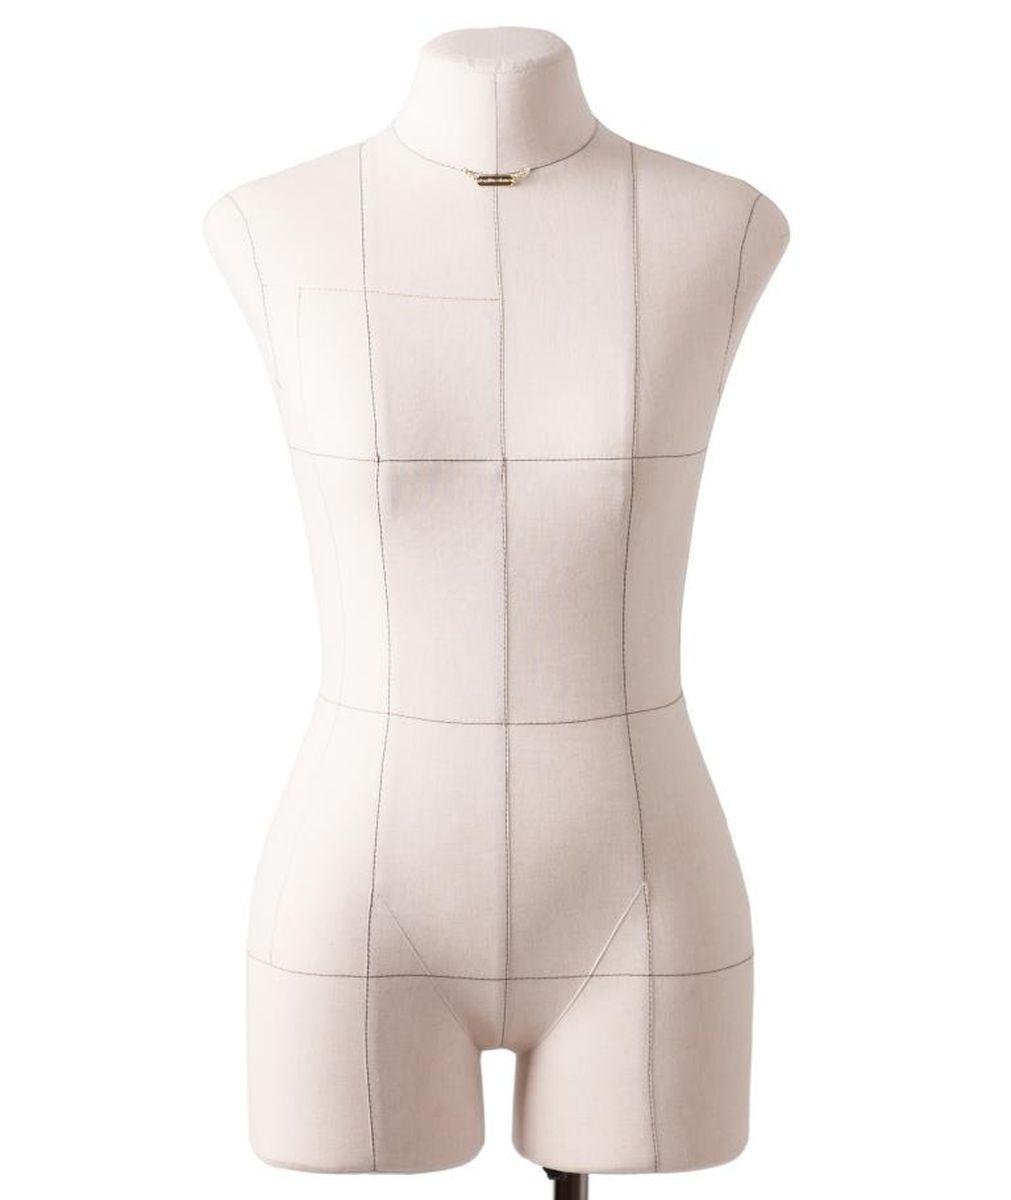 Манекен портновский Royal Dress forms Monica, с подставкой, женский, цвет: бежевый. Размер 464607824113464Портновский женский манекен премиум- класса, с удобной подставкой и детальными формами человеческого тела. Его основные преимущества: манекен имеет конструкторские линии, которые незаменимы при конструировании одежды; манекен не боится высоких температур, поэтому на нем можно отпаривать одежду, не боясь за деформацию основы; можно накалывать изделия булавками; можно сжимать, чтобы надеть нерастяжимые изделия; не боится падений и сколов. Дополнительно возможно присоединять к манекену руки. Они приобретаются отдельно. Основа манекена выполнена из эластичного полимерного материала. Обтяжка 100 % хлопок, съемная, предлагается в двух вариантах: бежевый и черный. Подставка «Милан» идет в комплекте с манекеном! Подставка с четырьмя ножками на калесах со стопорными фиксаторами. Размерный ряд (2-ая полнотная группа). Размер 46: Объем груди- 92 см, Объем талии- 73 см, Объем бедер- 100 см